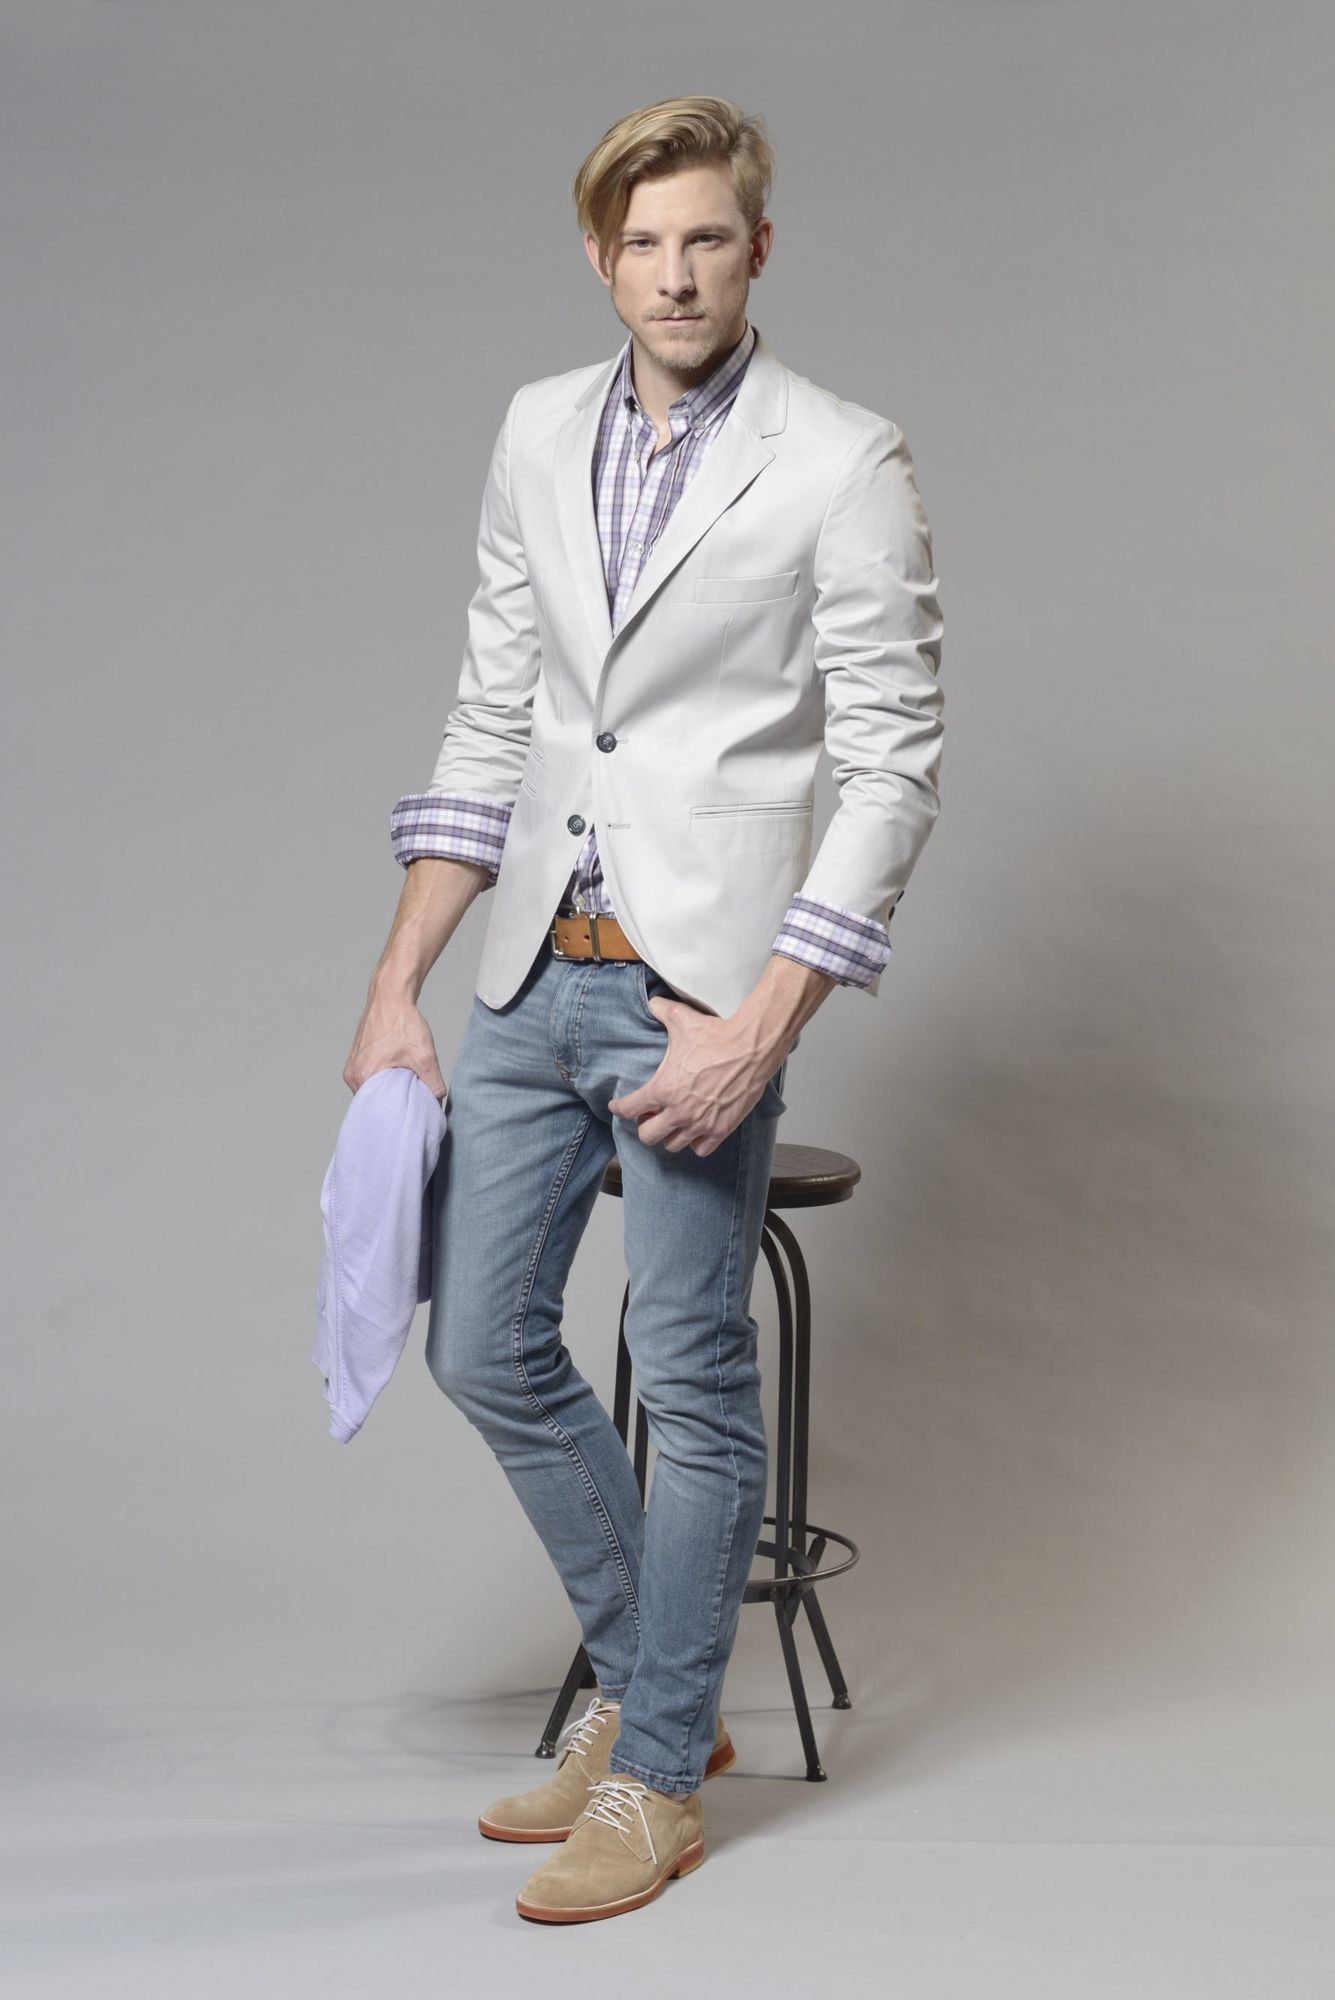 889b477089dfc  Look04 · Camisa Calpe cuadros Violeta · Sweater hilo algodón Lila cuello  en V ·